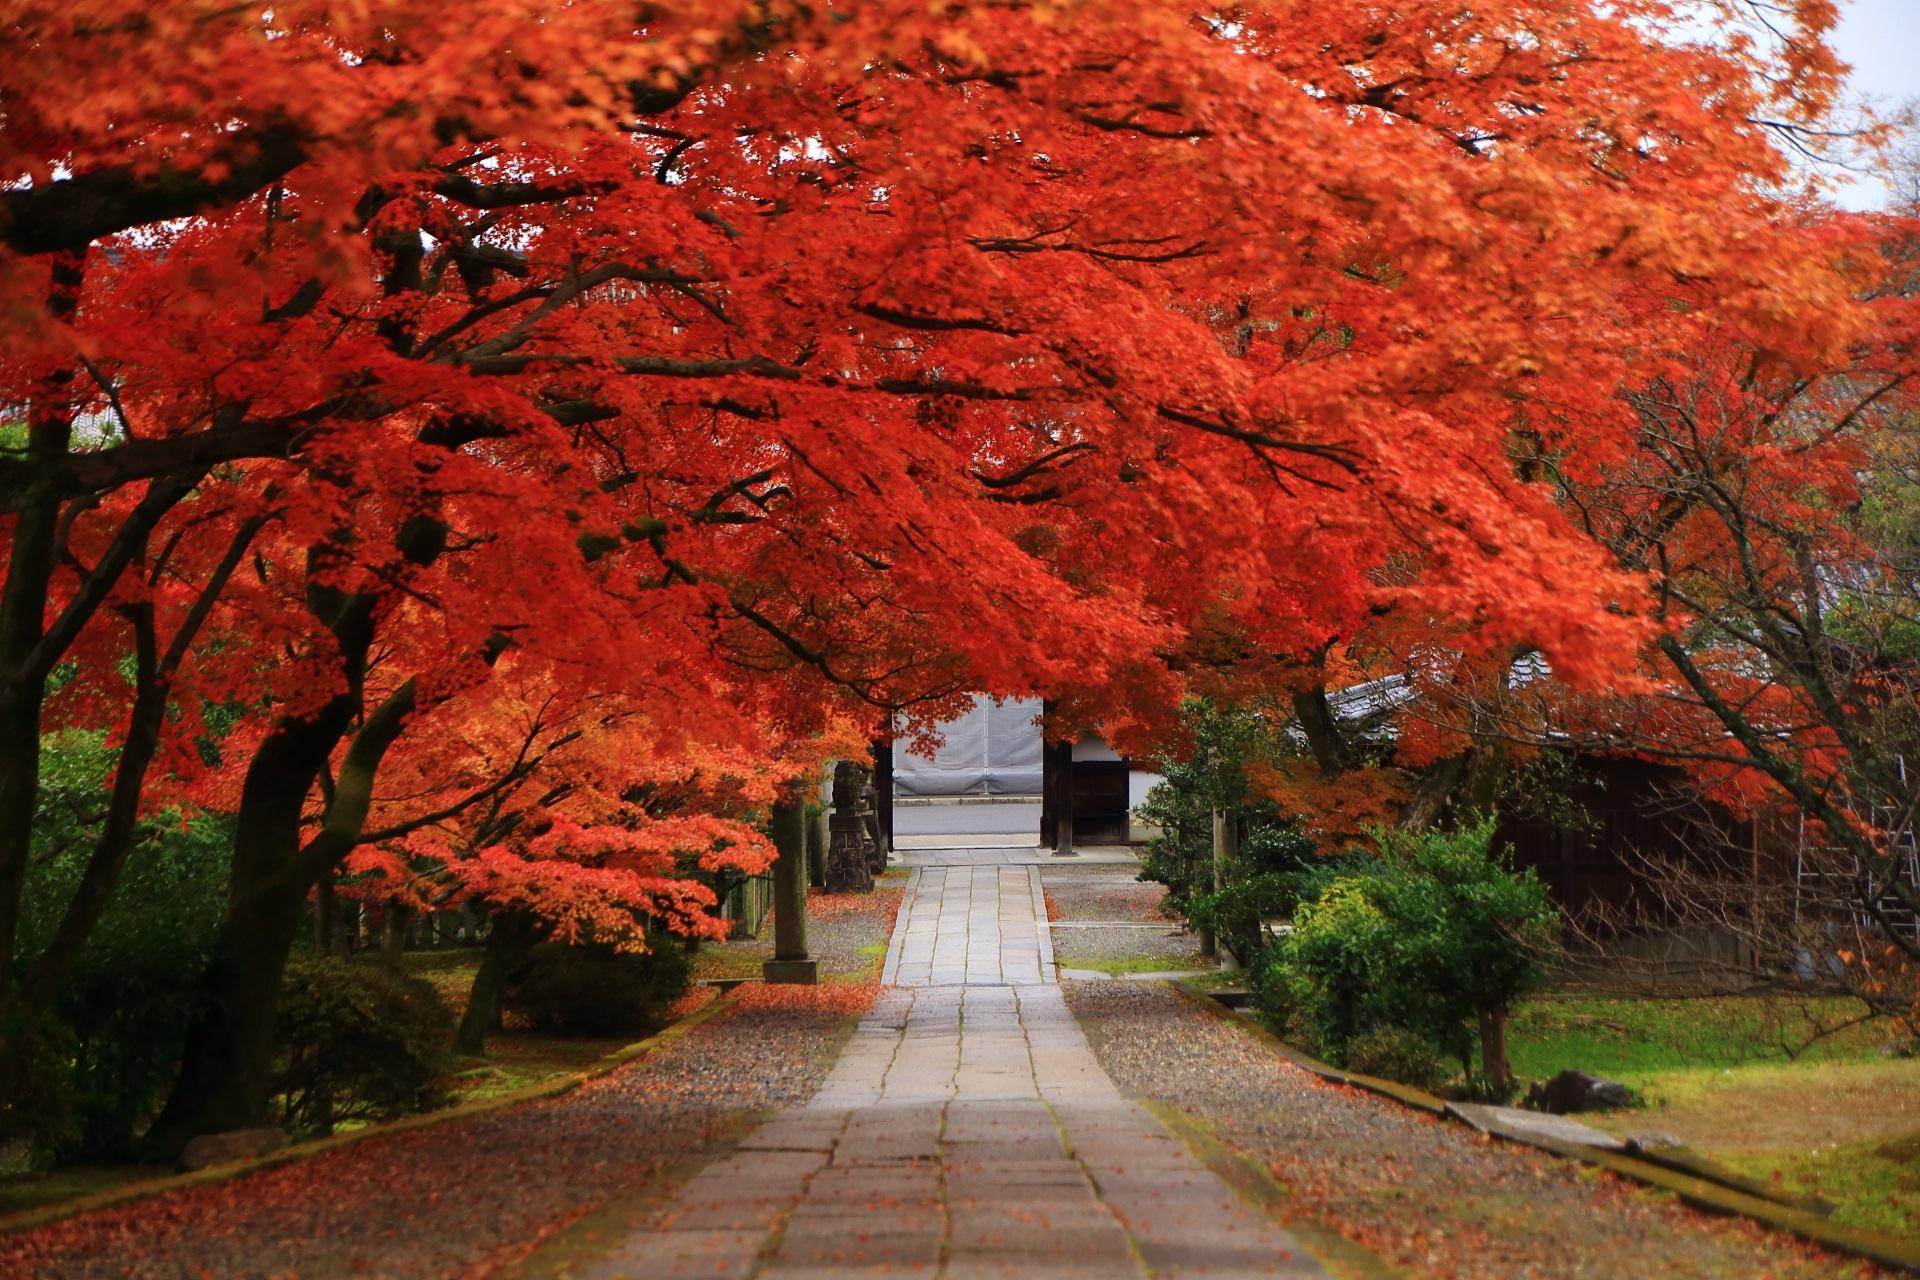 養源院の素晴らしい紅葉と風情ある秋の情景